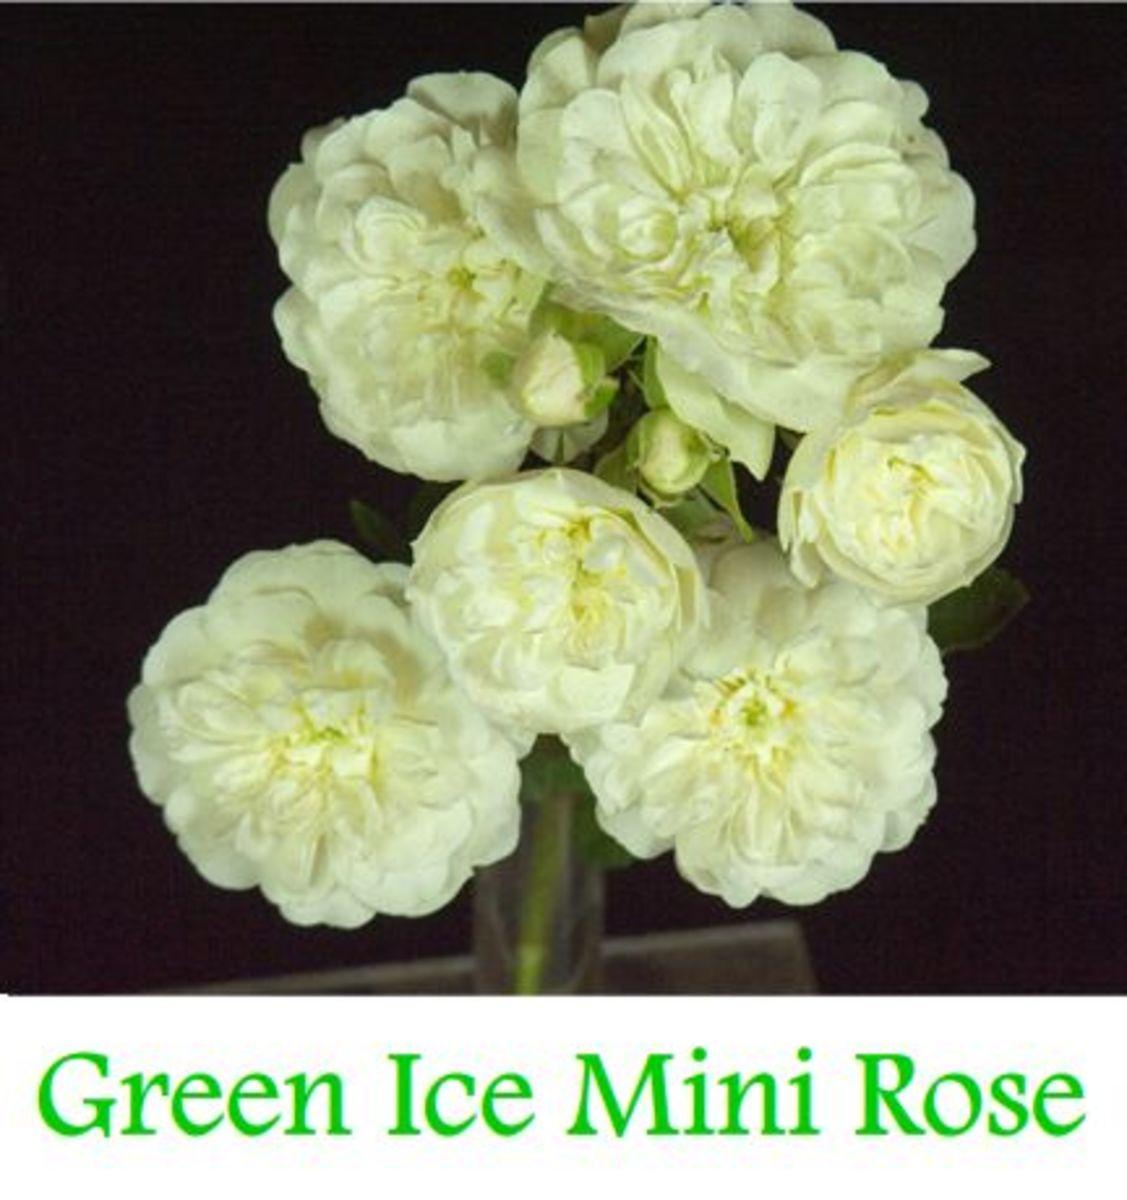 Green Ice Mini Rose